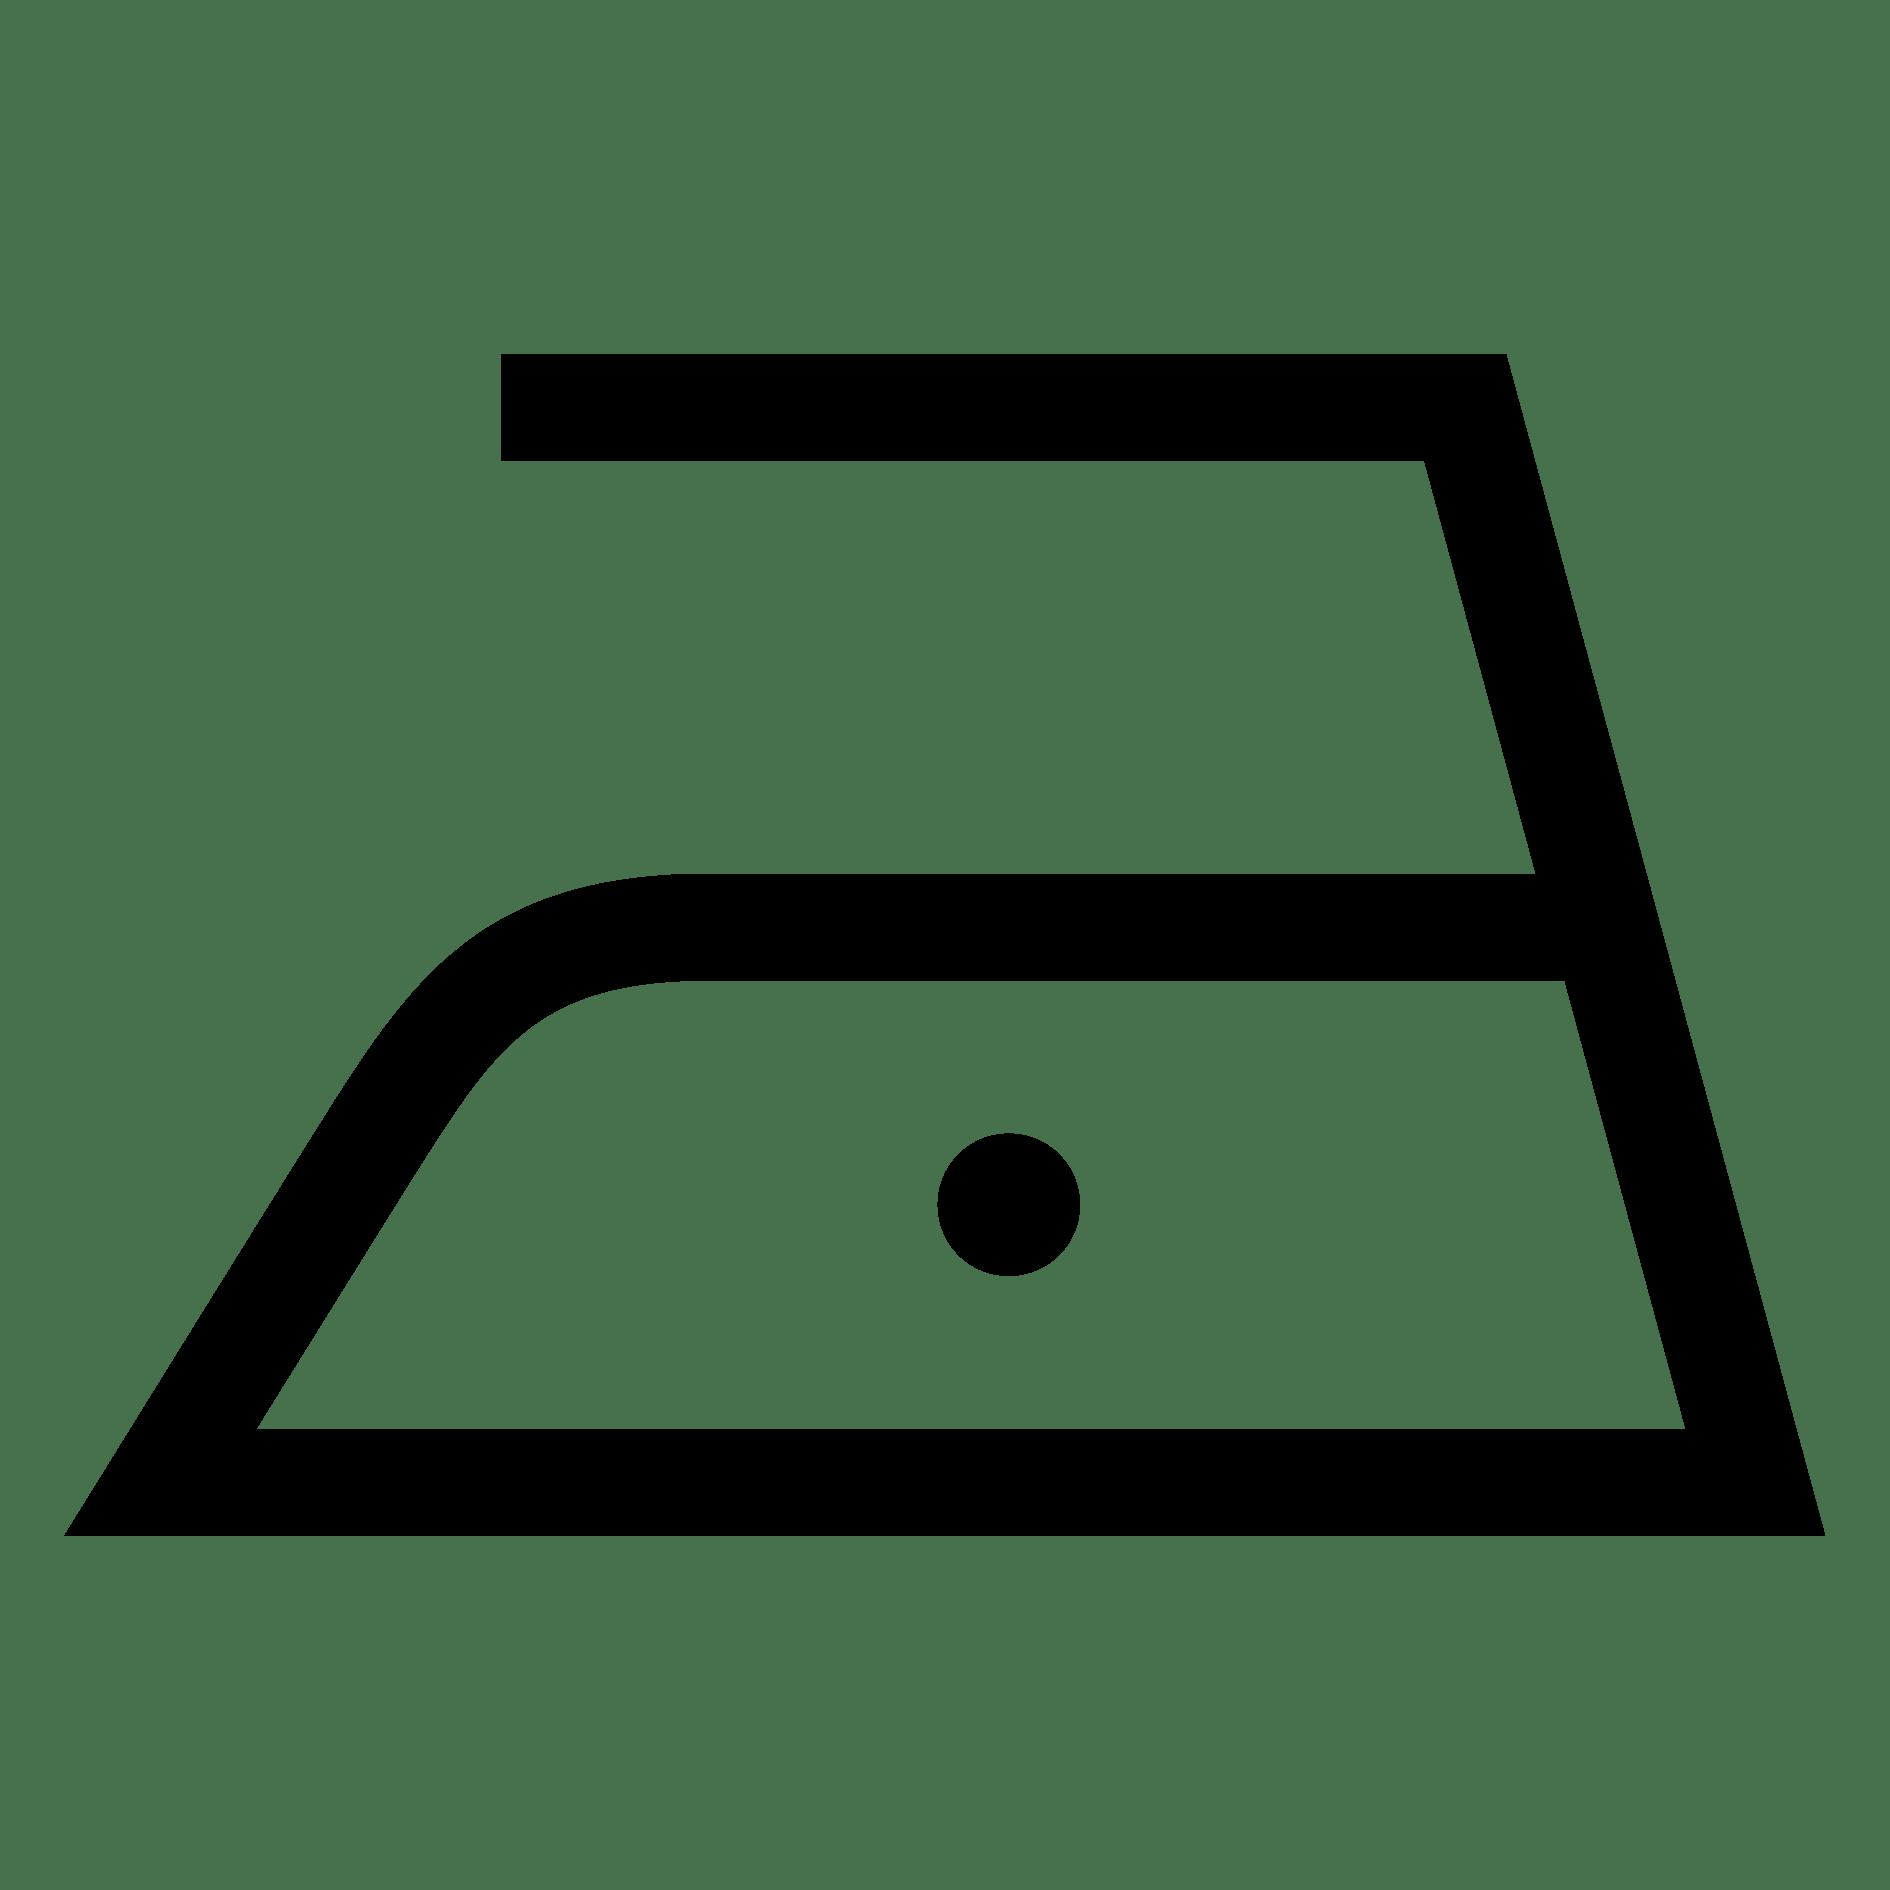 Bügeln mit einer Höchsttemperatur der Bügeleisensohle von 110 °C (kein Bügeln mit Dampf)